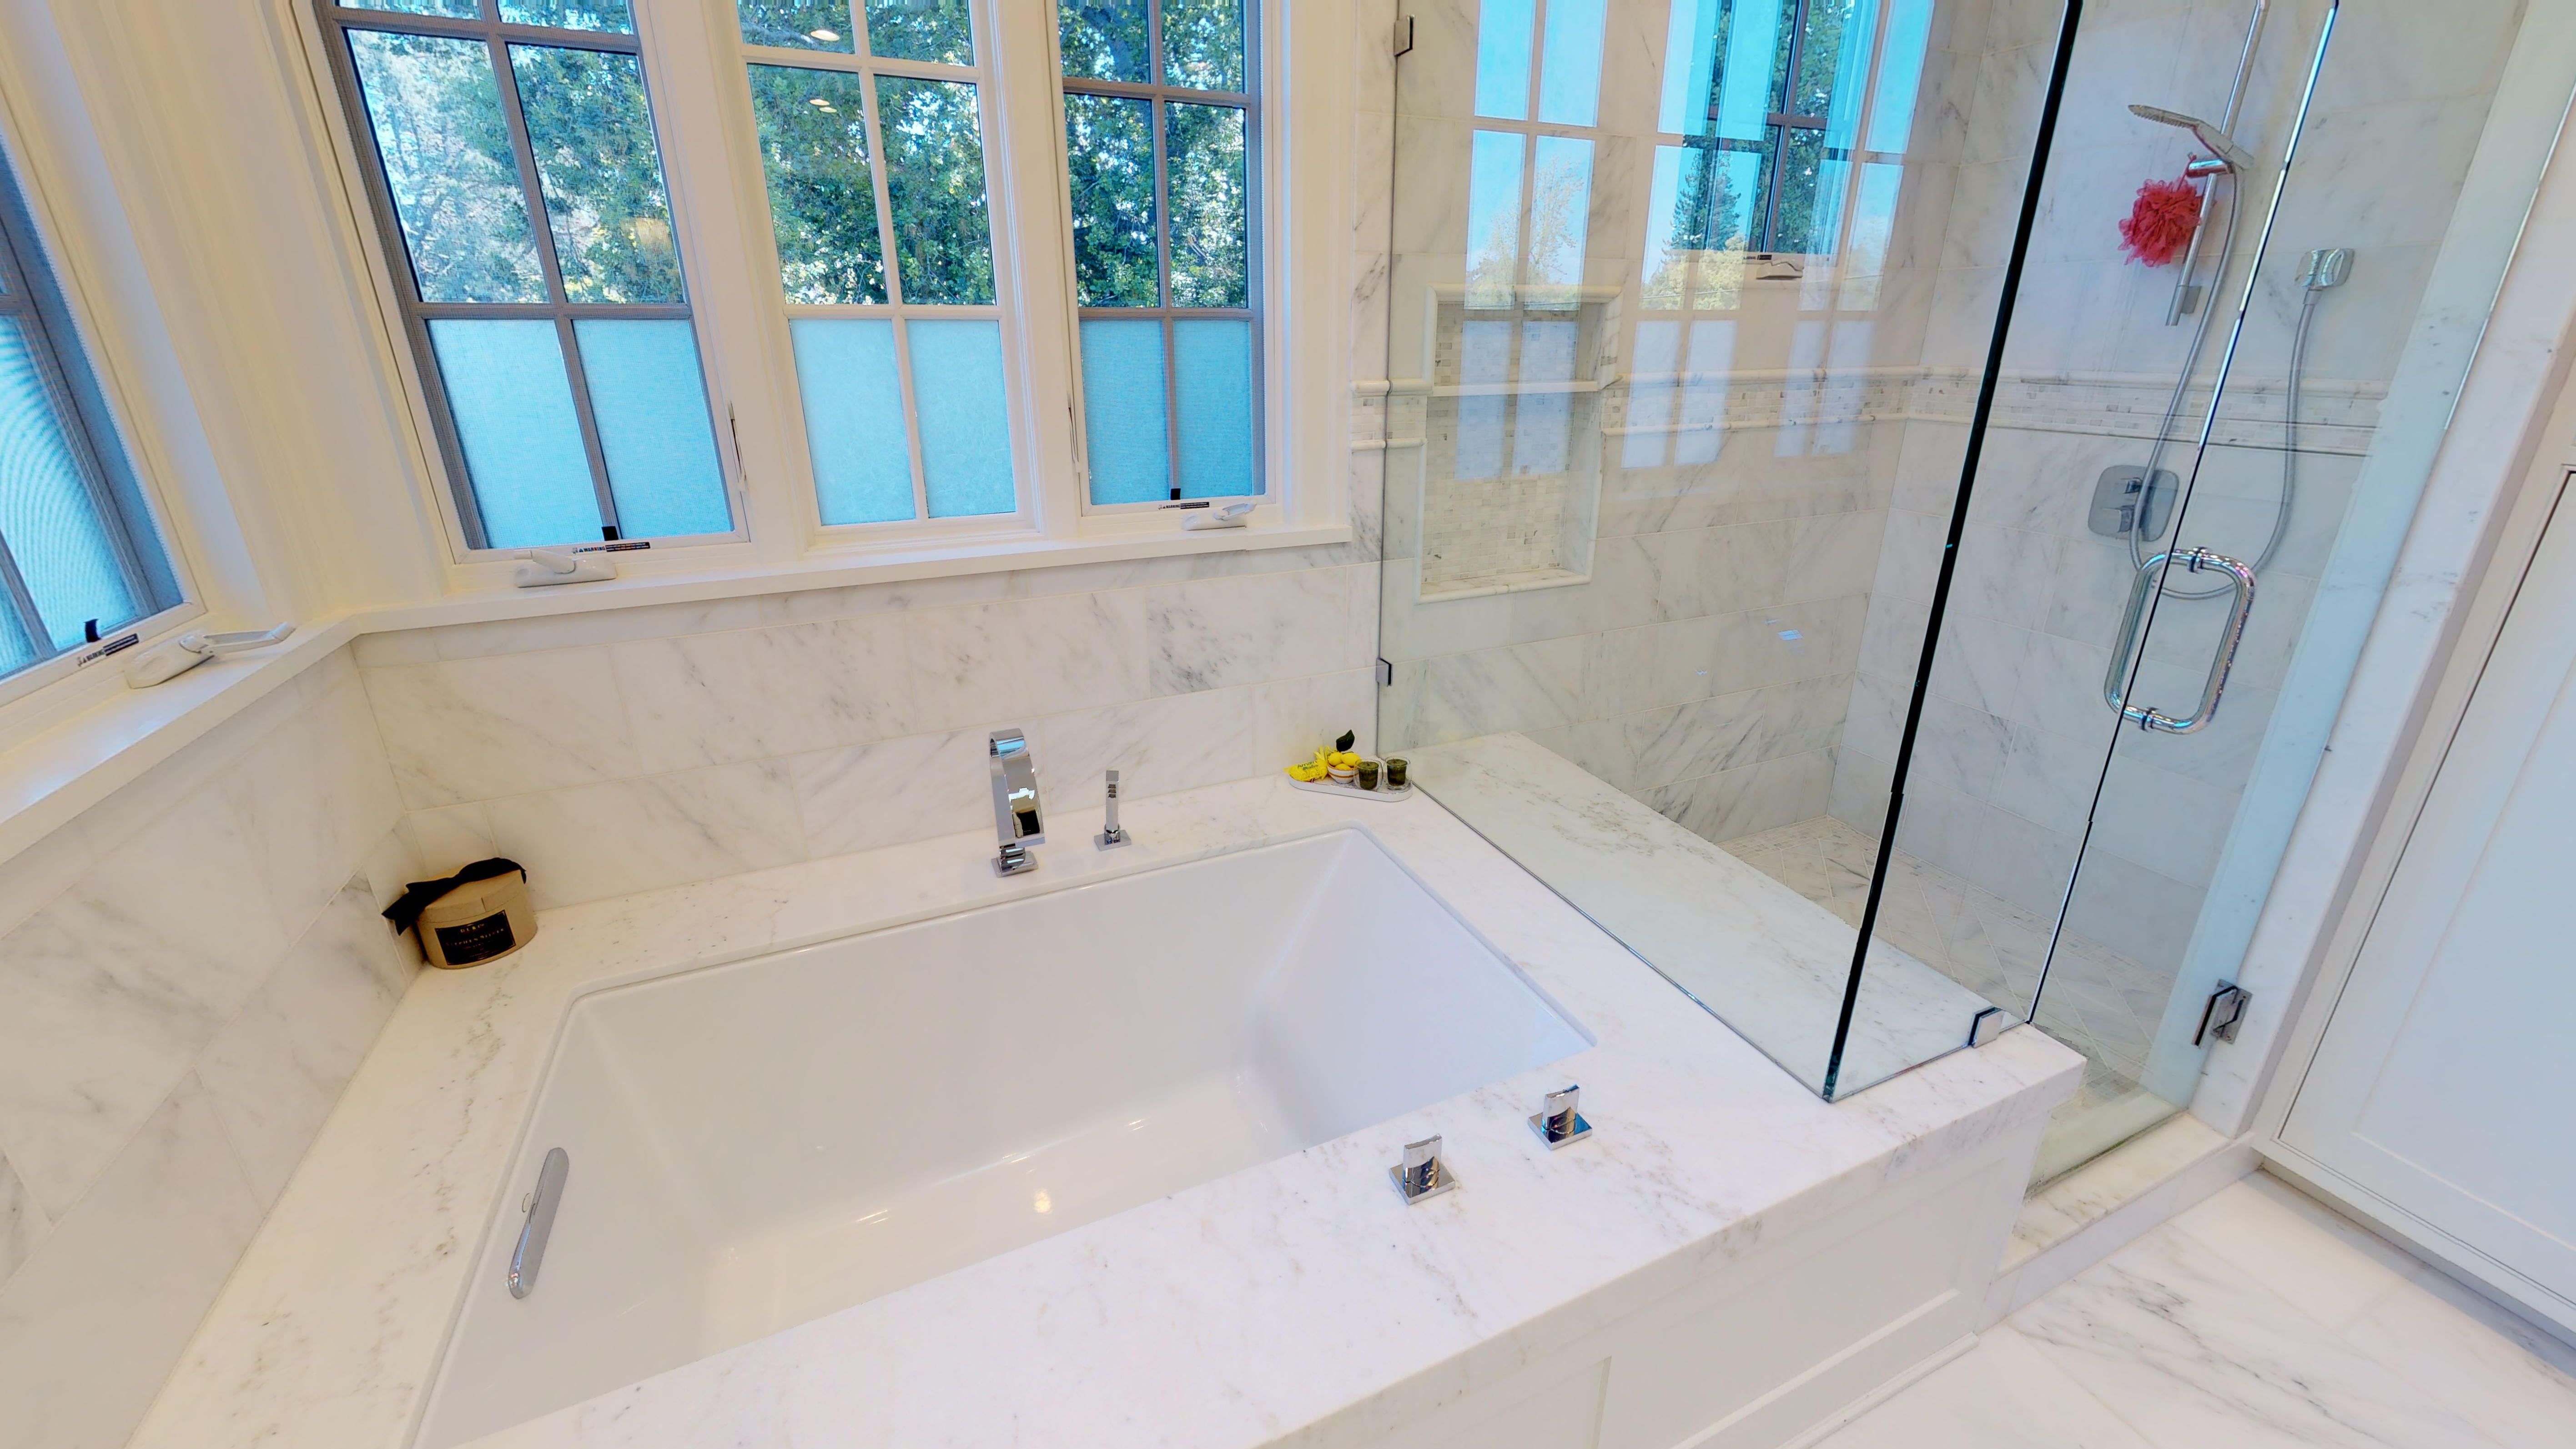 17 - Master Bathroom, Bath & Shower - Copy